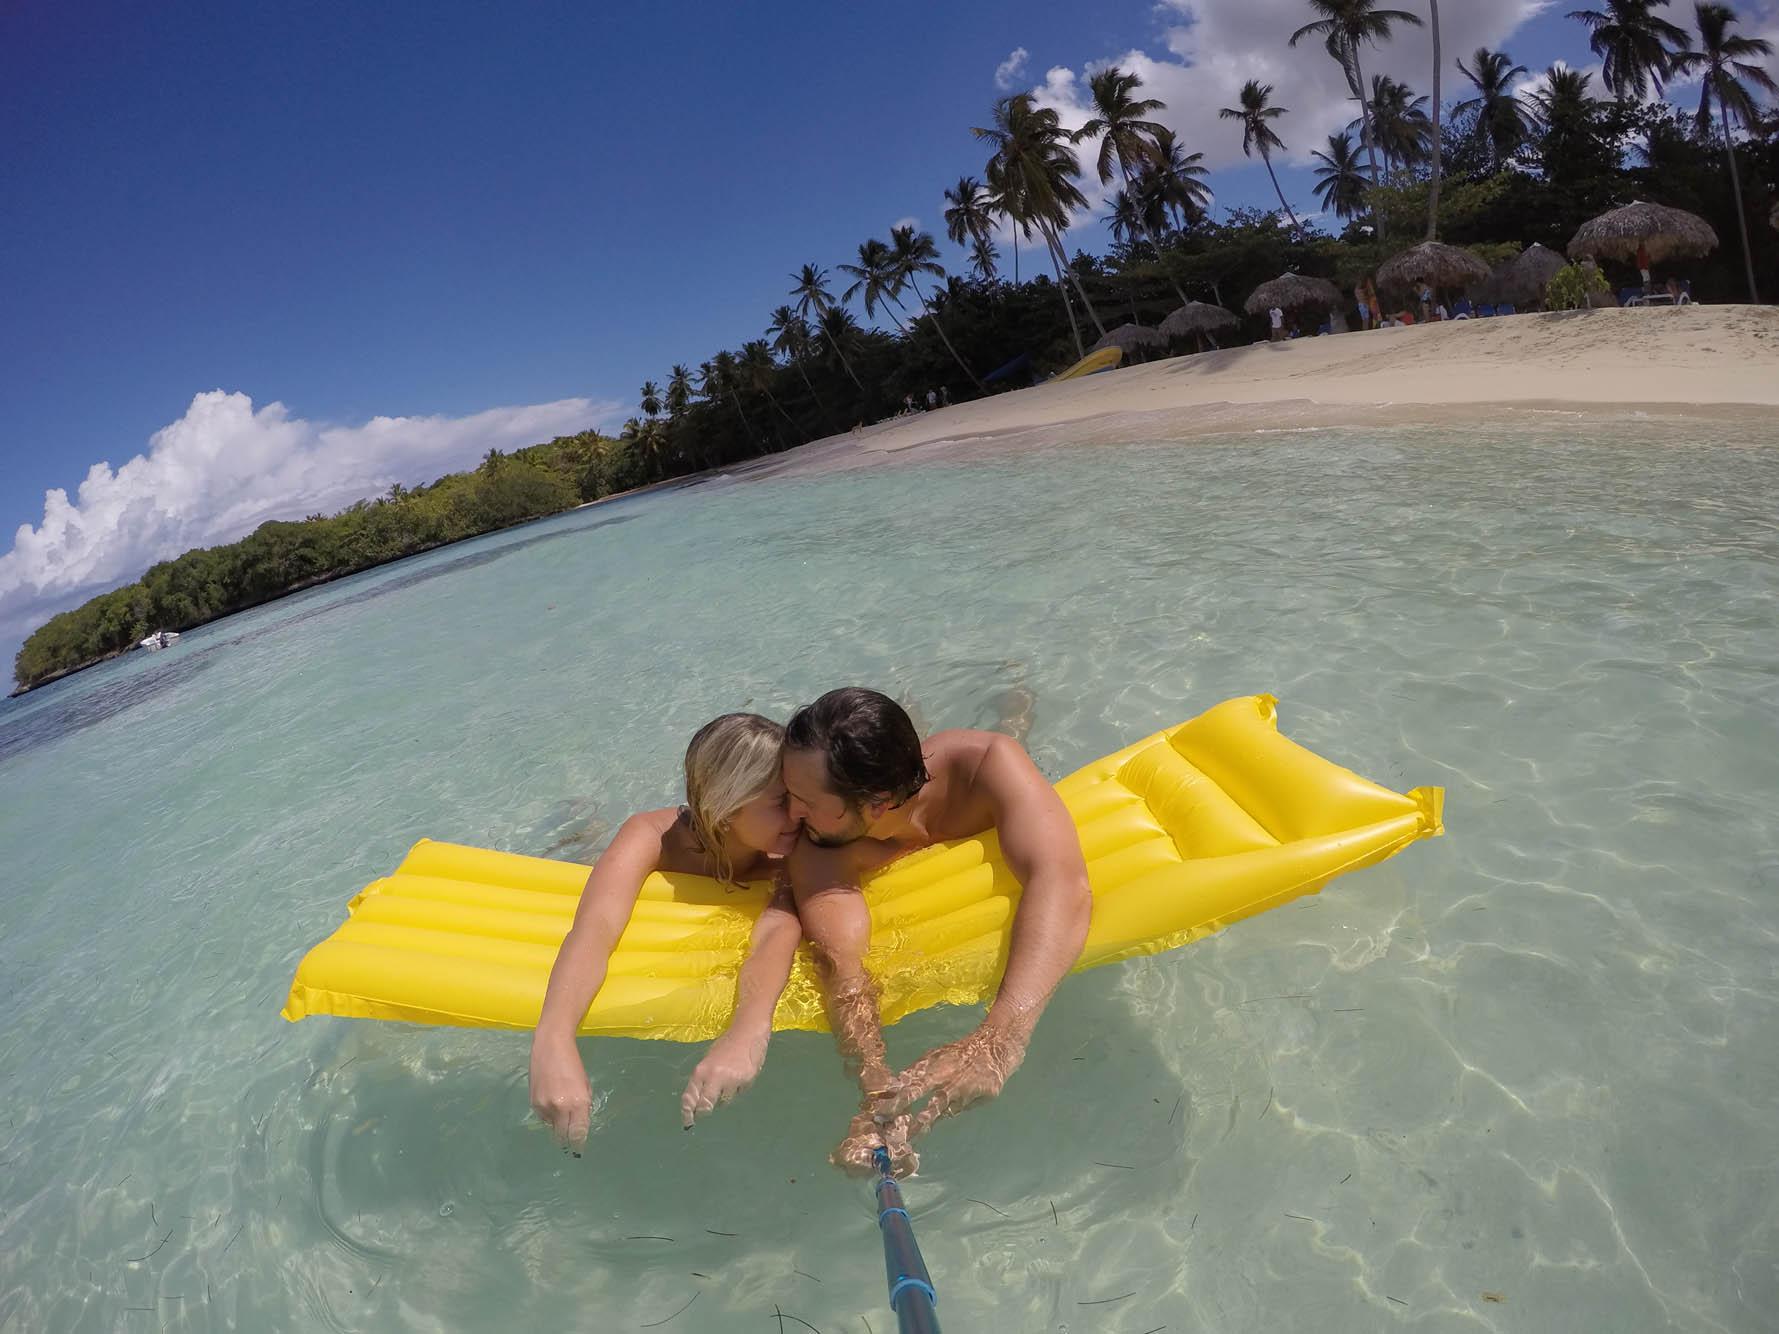 La Playita Beach - Las Galeras - Samaná - República Dominicana